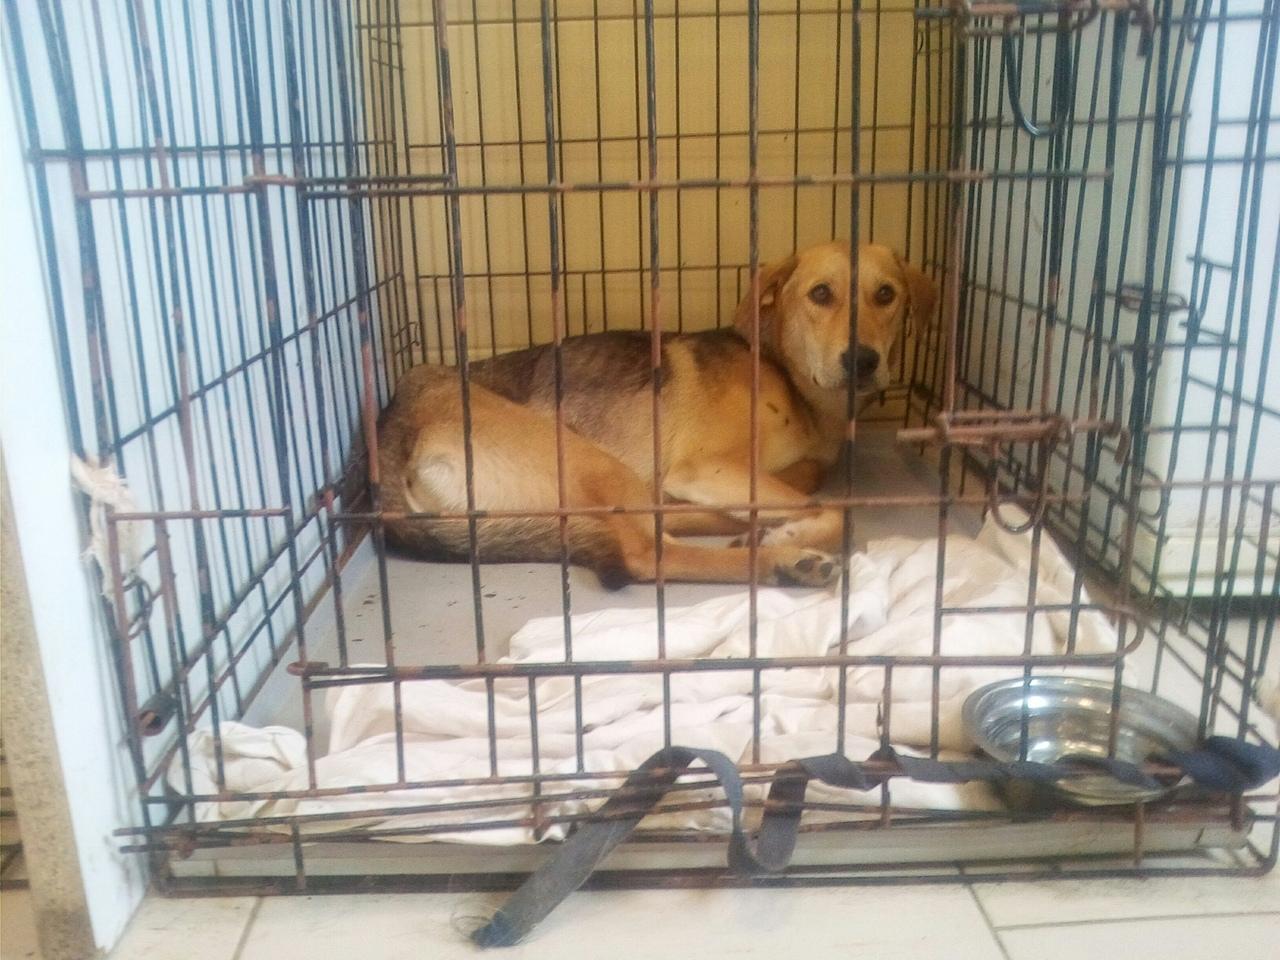 За полгода в Великом Новгороде на бесплатную стерилизацию животных поступило более 1300 заявок